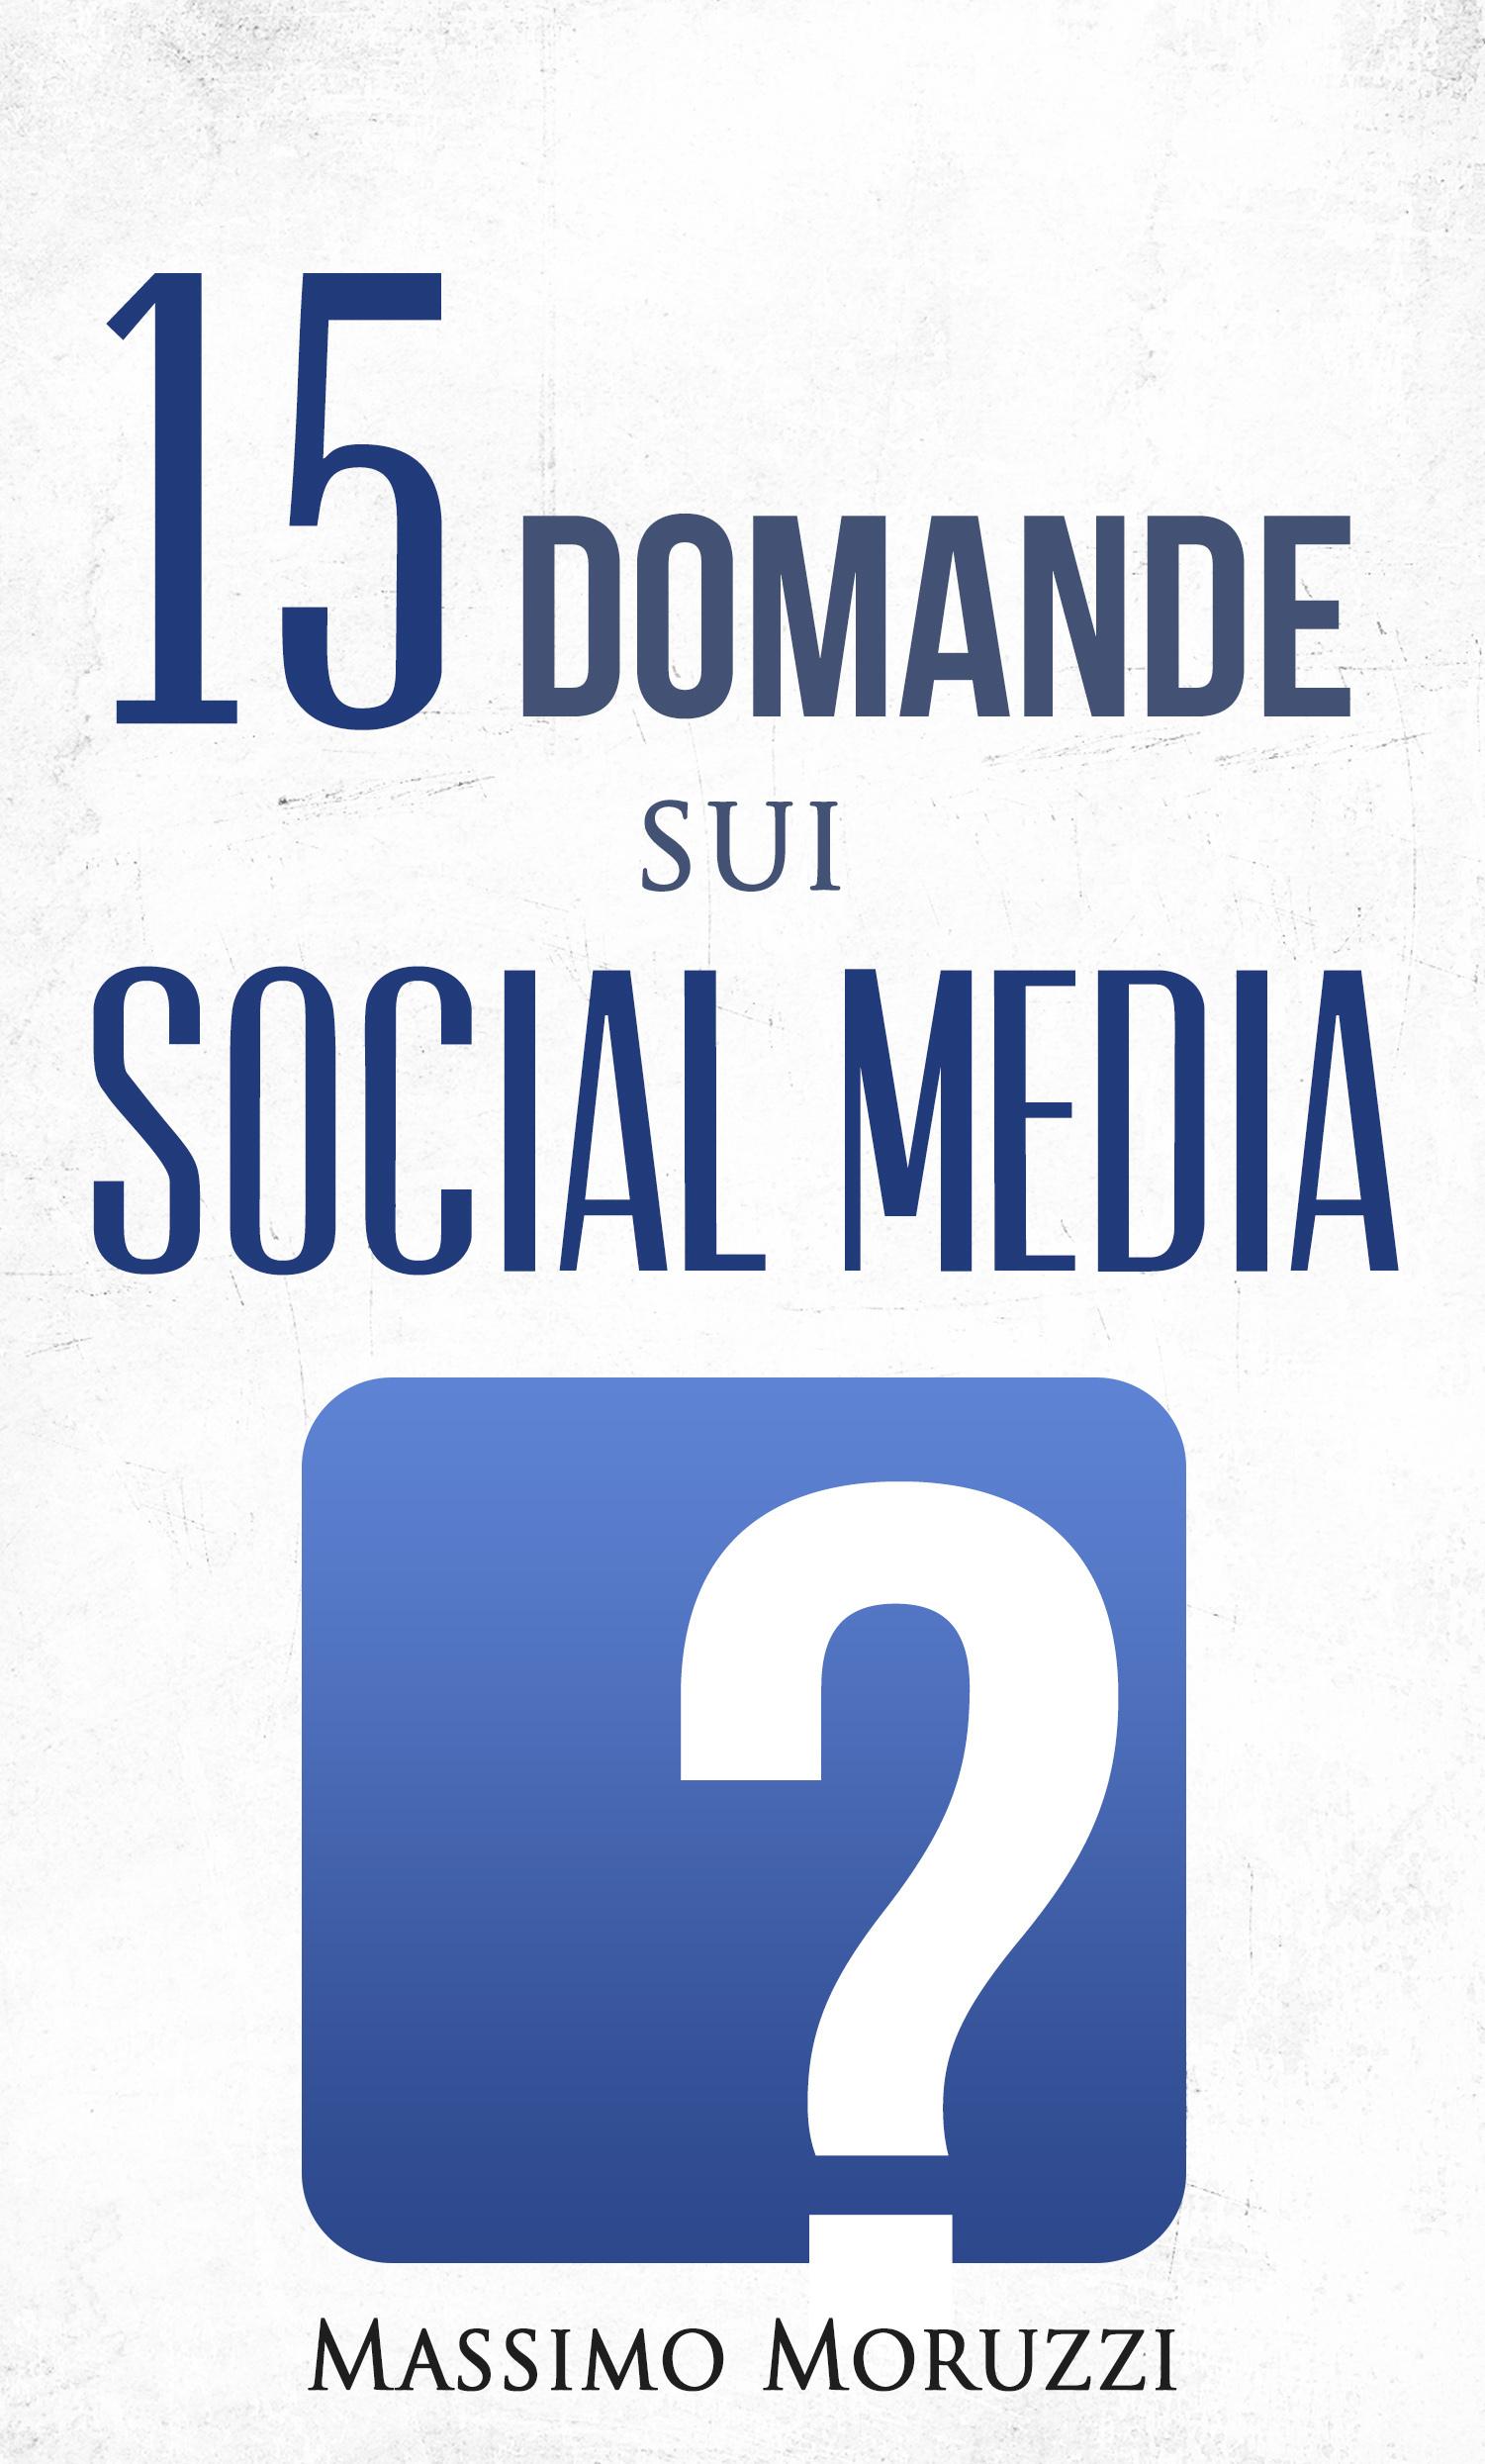 15 Domande sui Social Media  by  Massimo Moruzzi